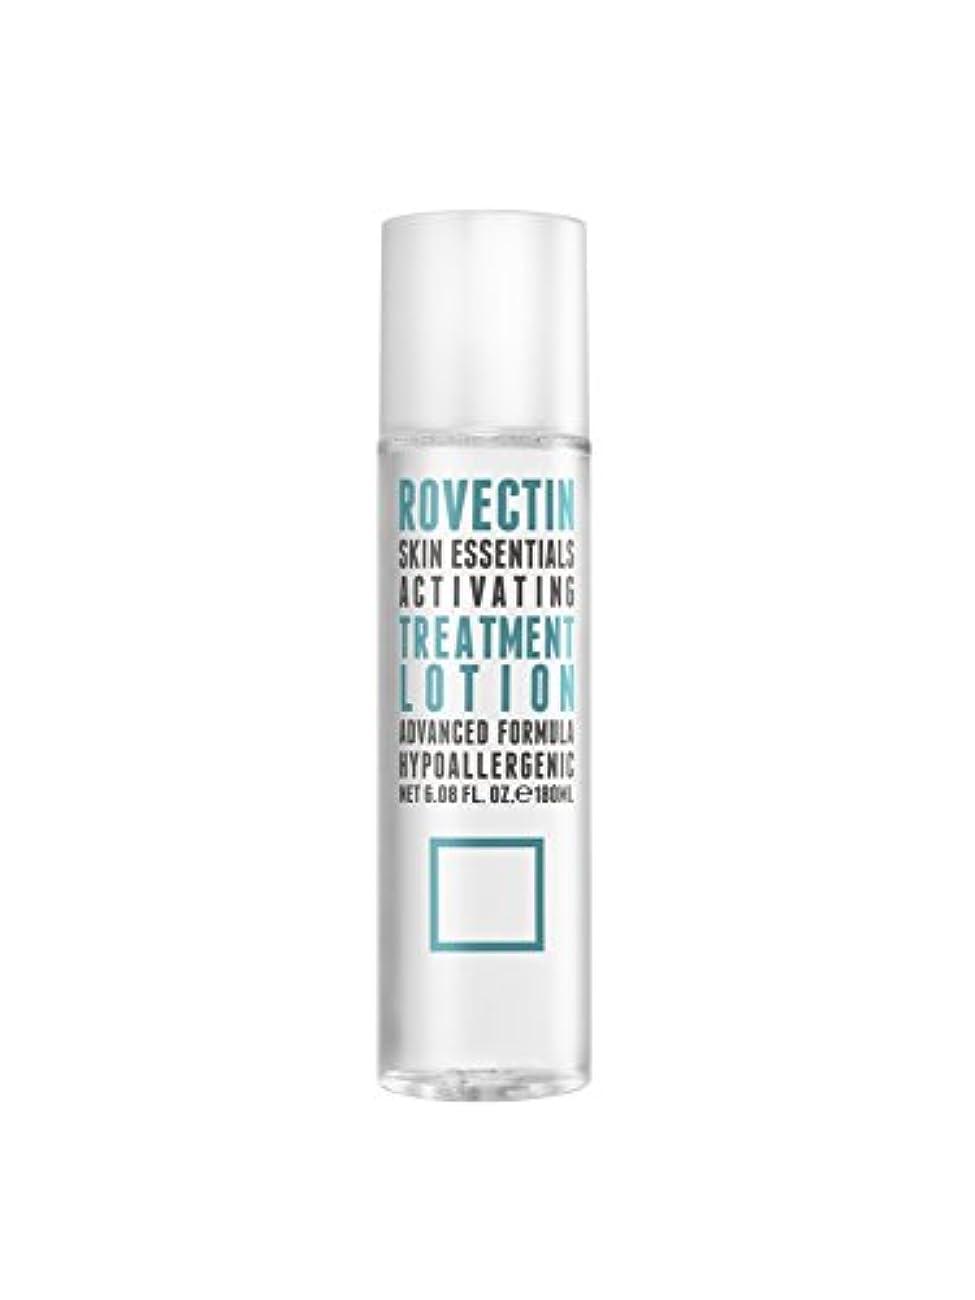 ニンニクウミウシ製作スキン エッセンシャルズ アクティベイティング トリートメントローション Skin Essentials Activating Treatment Lotion 180ml [並行輸入品]